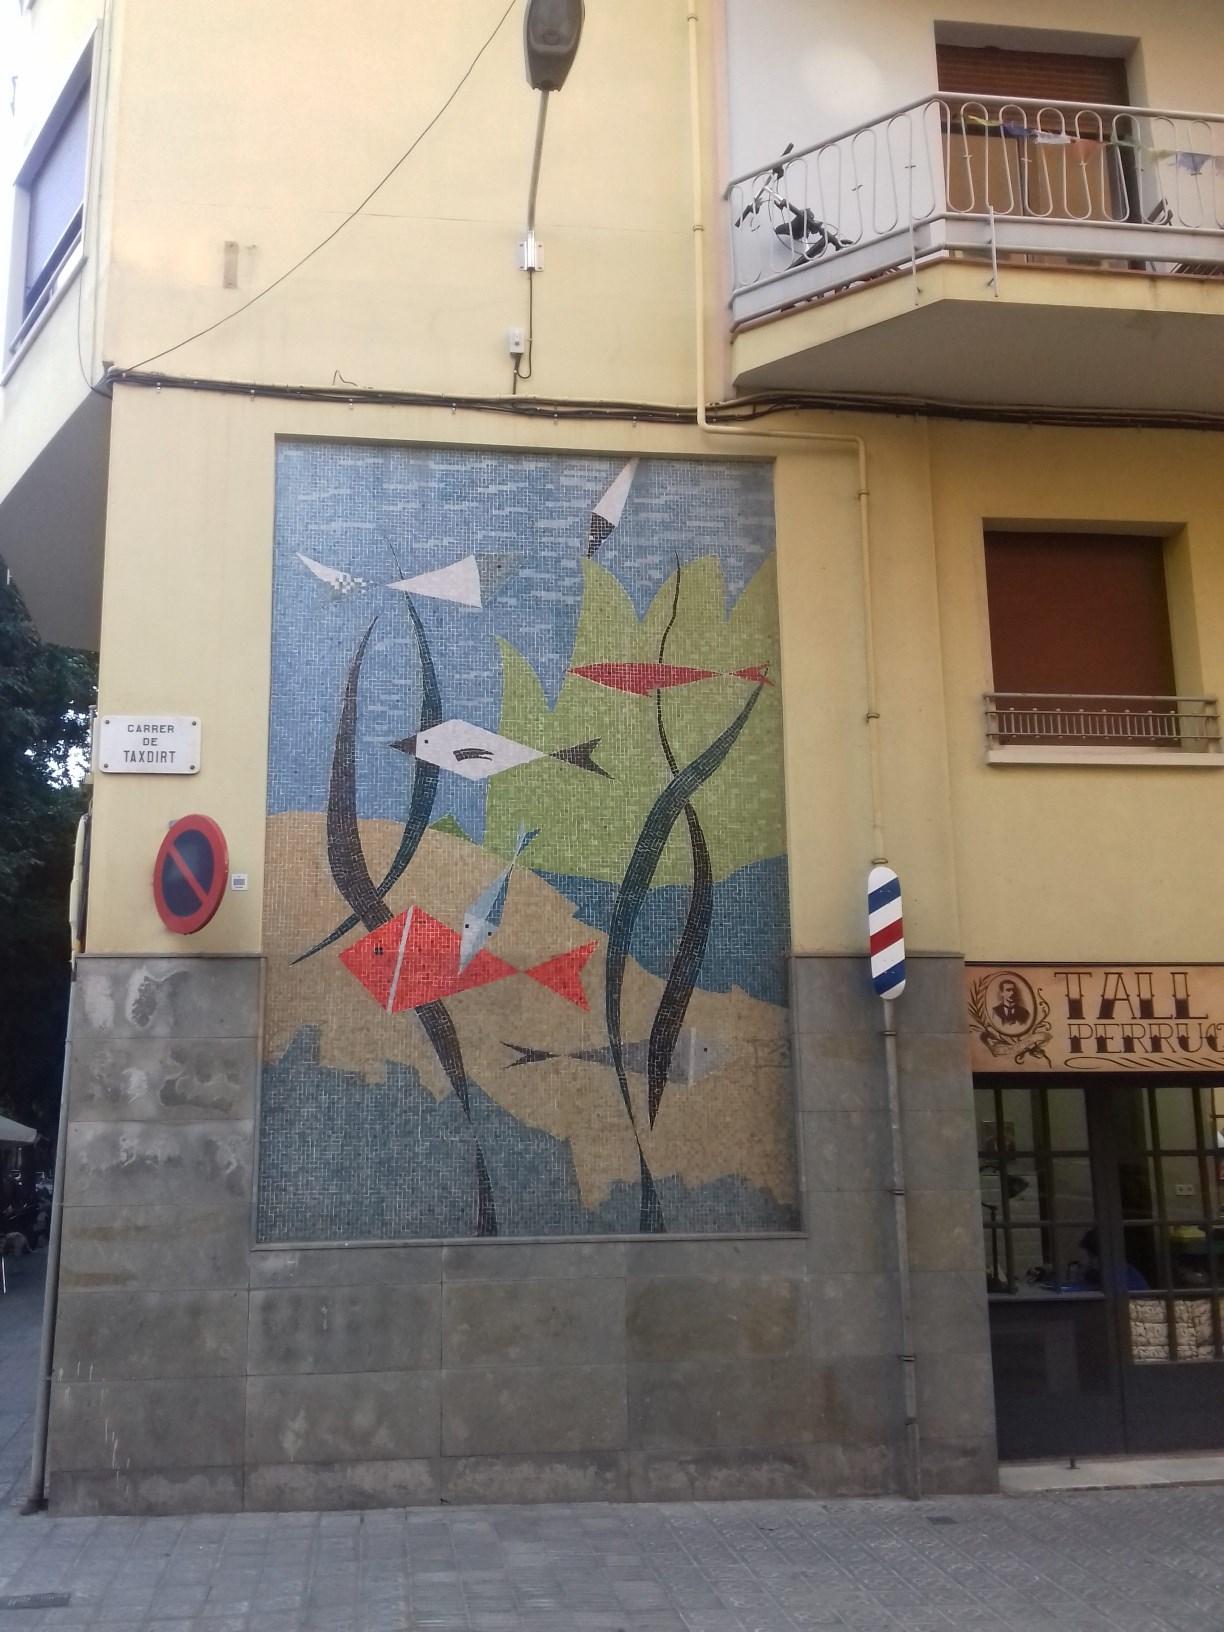 Horta-Guinardó. Carrer de Taxdirt 16-18. Mosaic de tesse.les. Foto: Anònim